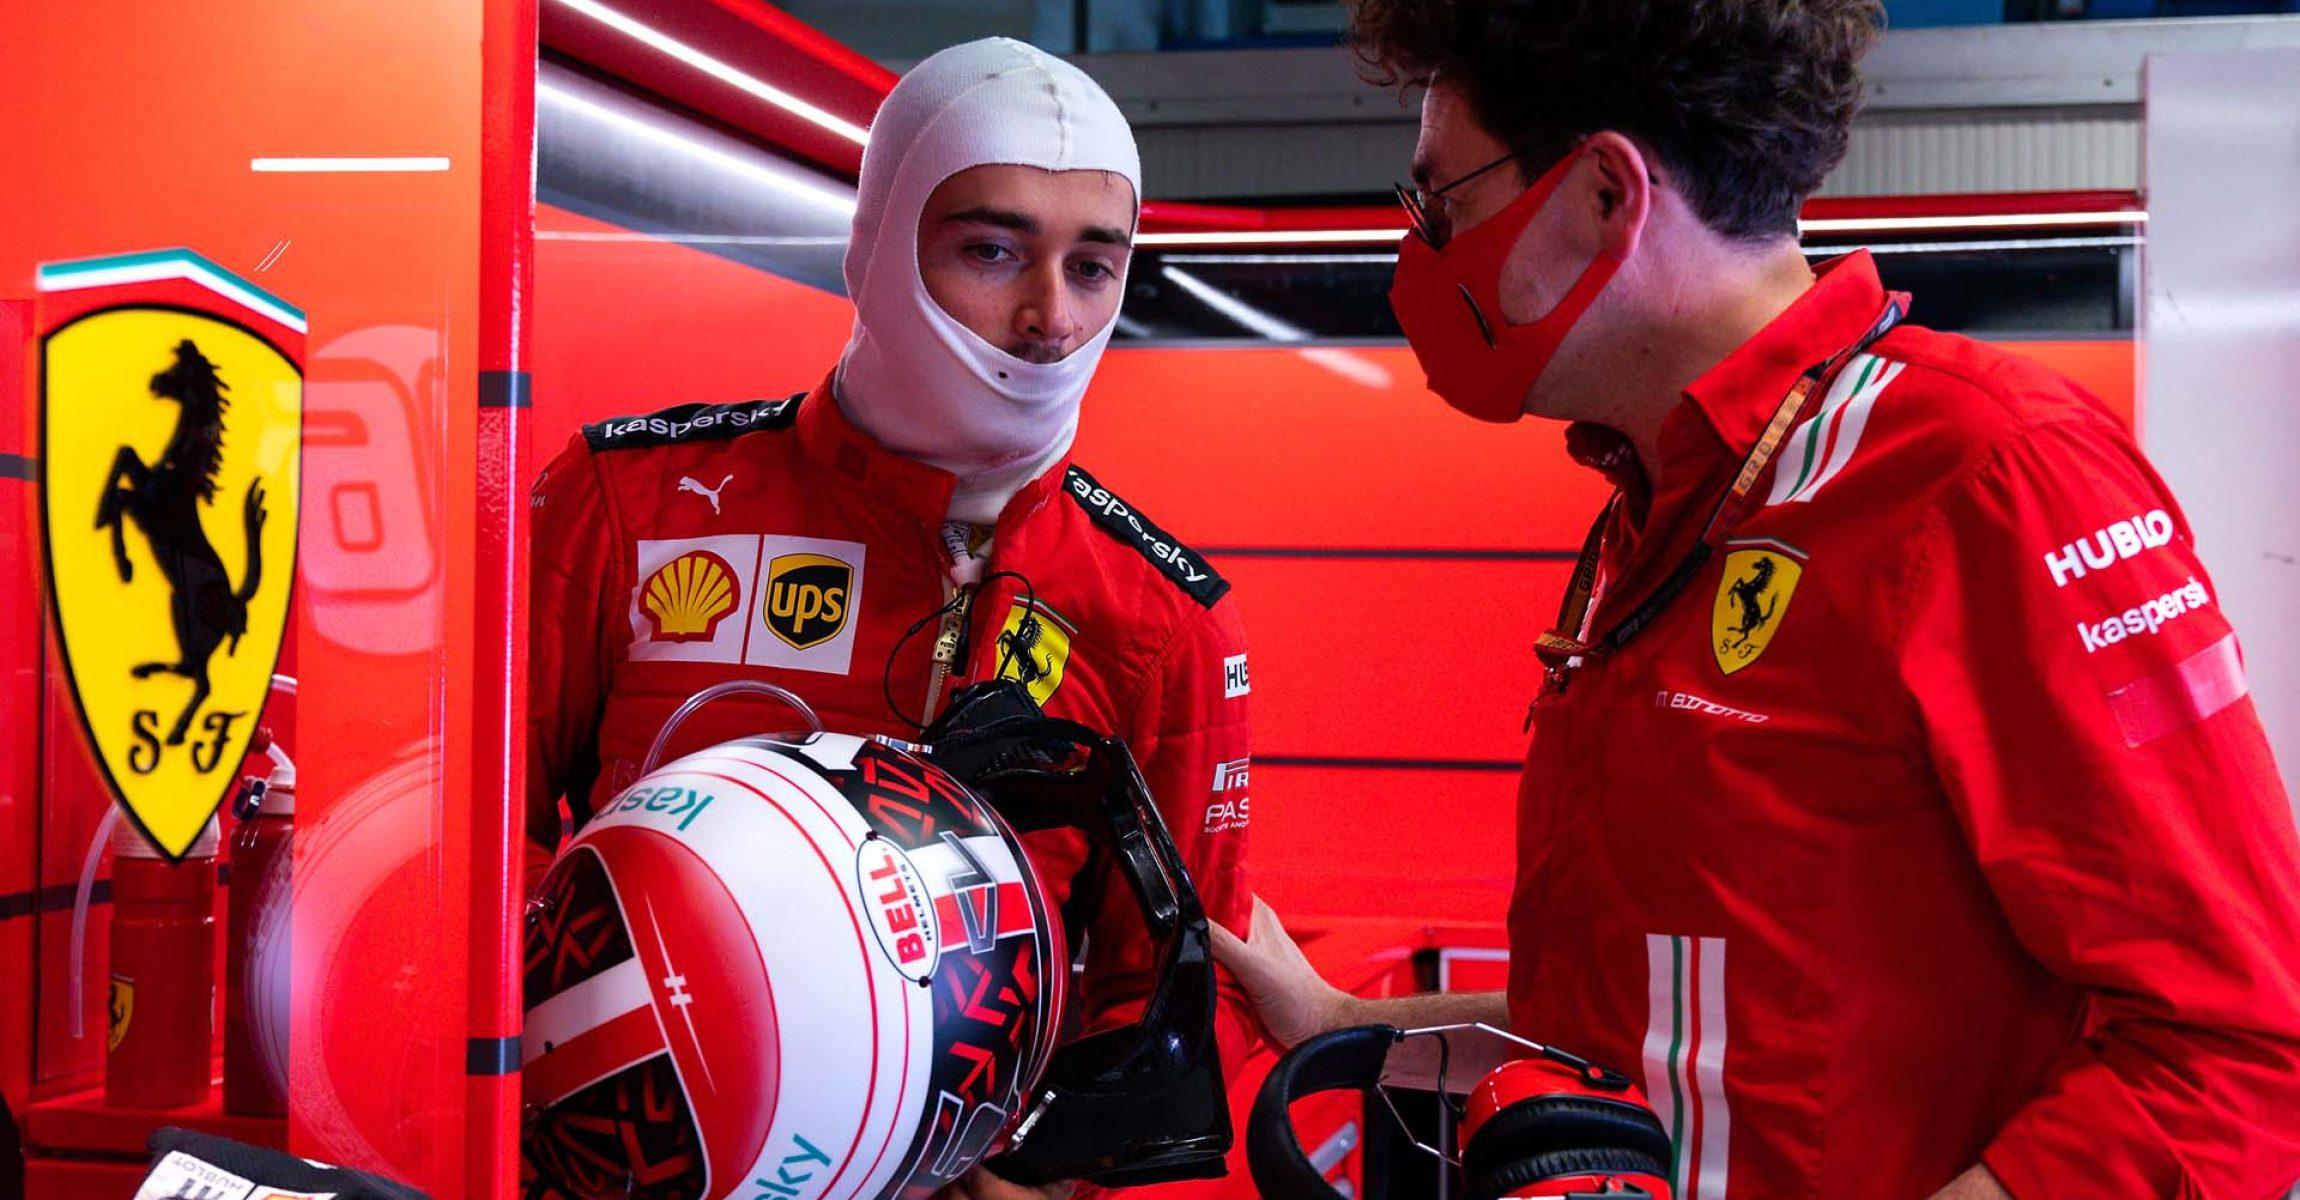 GP ITALIA F1/2020 -  SABATO 05/09/2020   credit: @Scuderia Ferrari Press Office Charles Leclerc Mattia Binotto